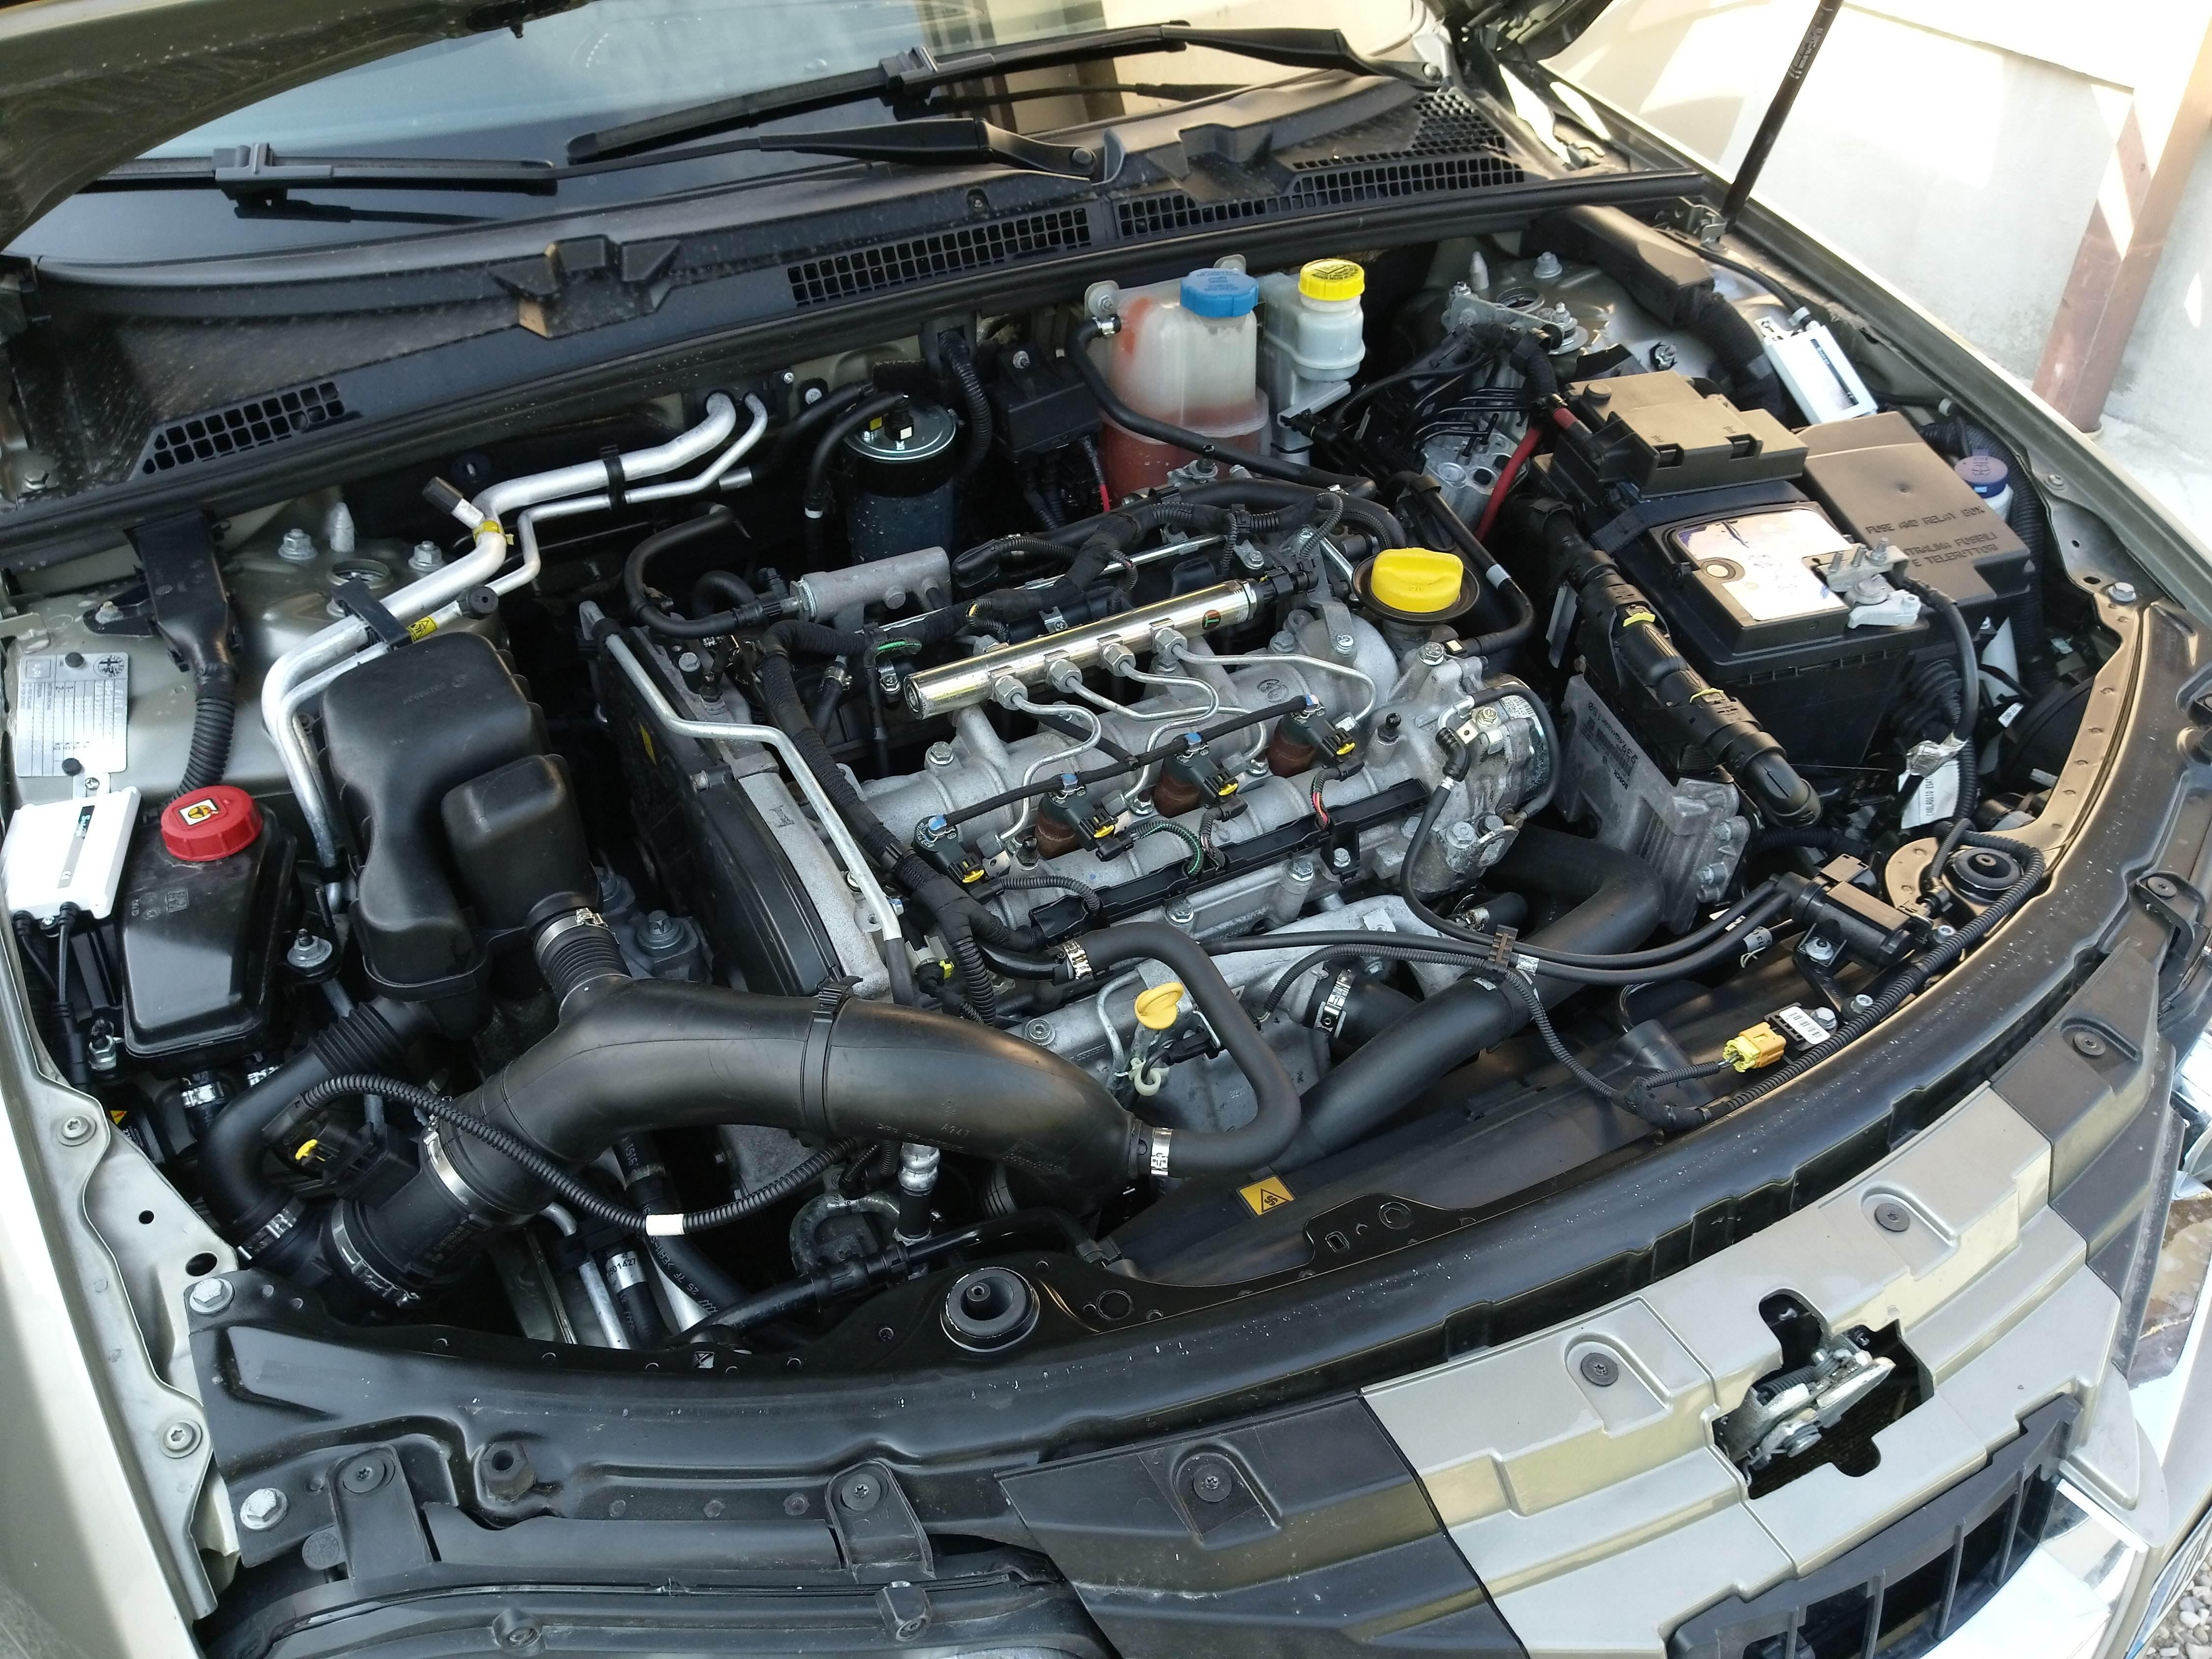 foto Eliminazione Valvole Swirl Alfa Romeo 159 Jtdm - 2